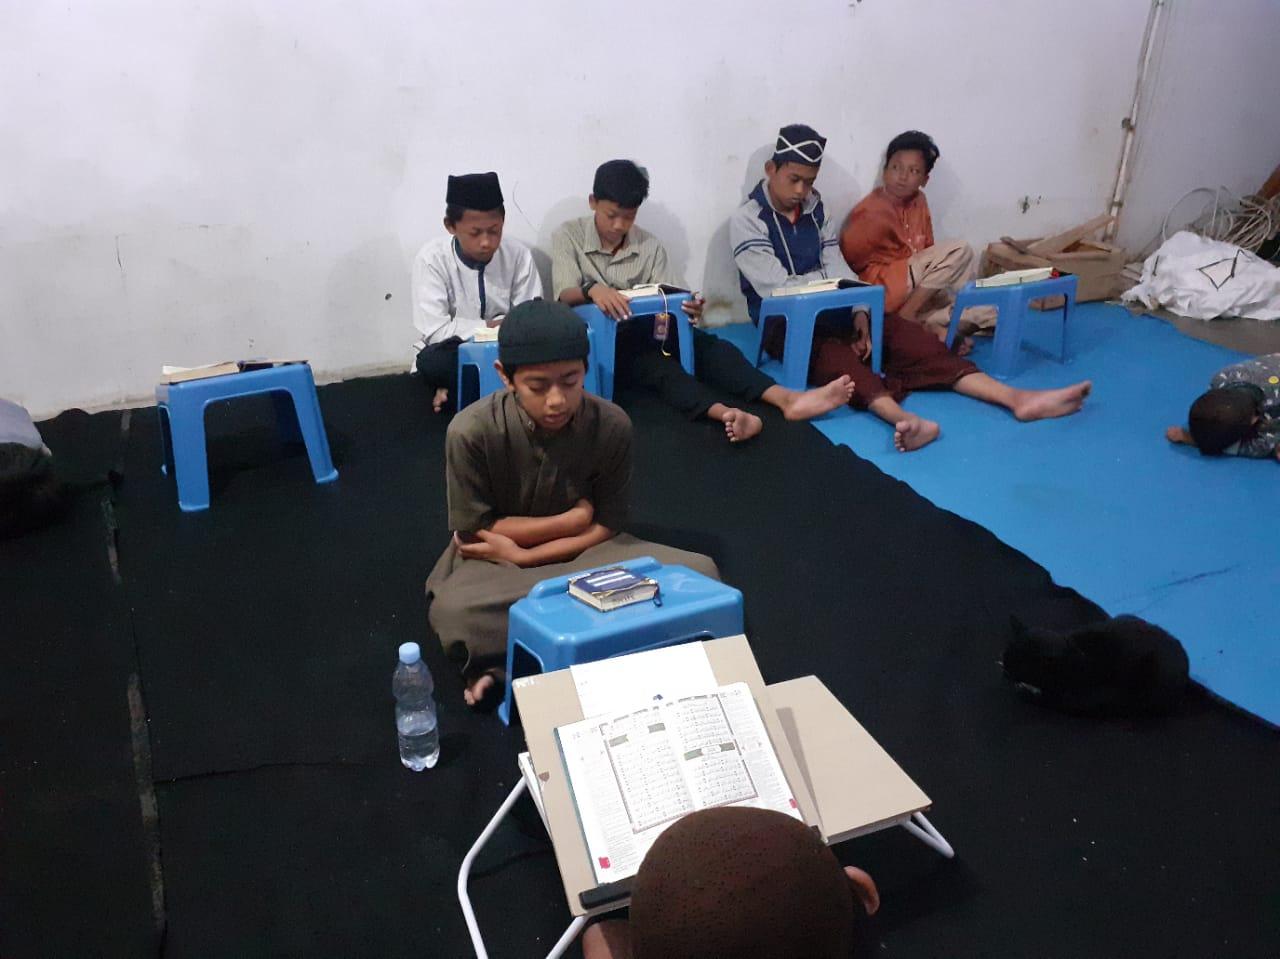 Mampu membaca Al Qur'an